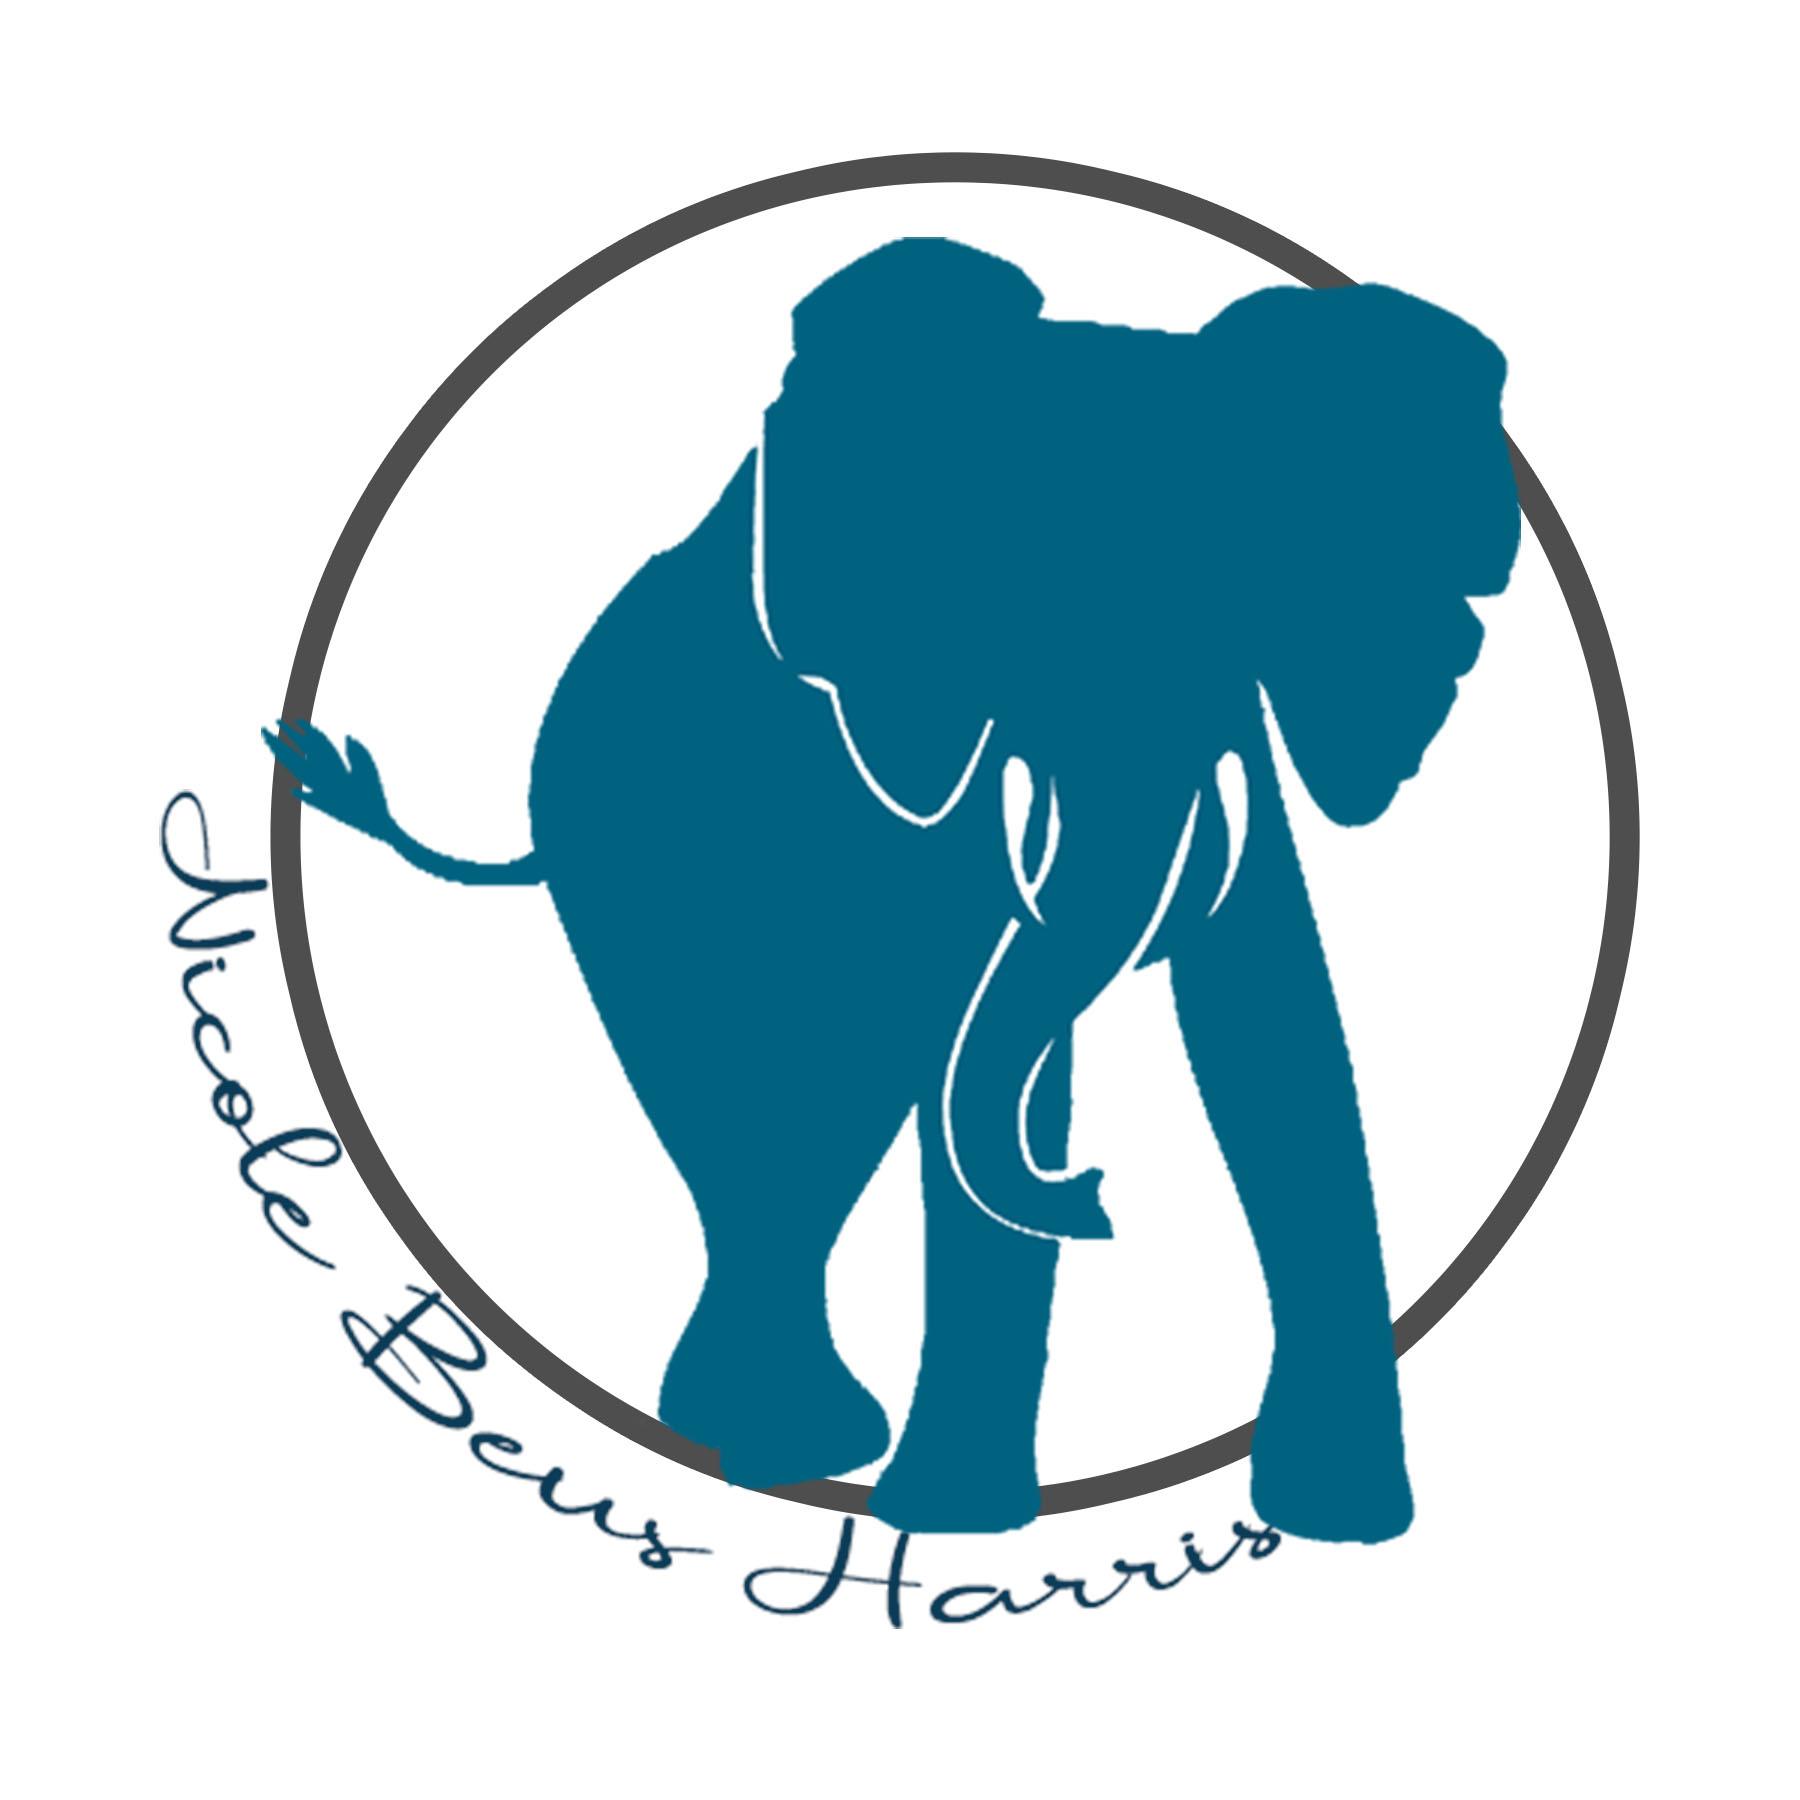 Nicole Beus Harris logo